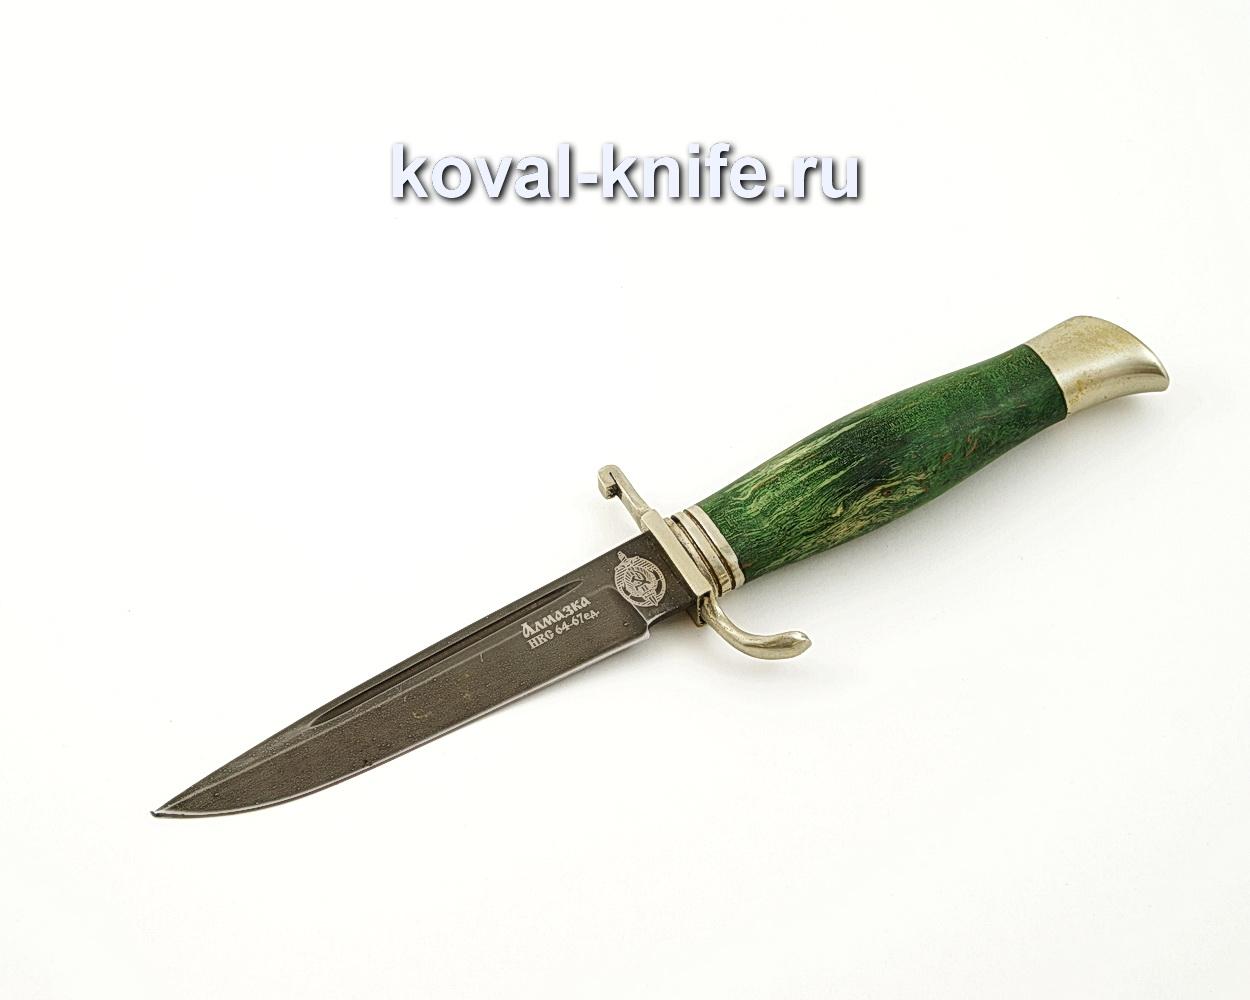 Нож Финка НКВД из алмазной стали ХВ5 с рукоятью из стабилизированной карельской березы, литье мельхиор A546